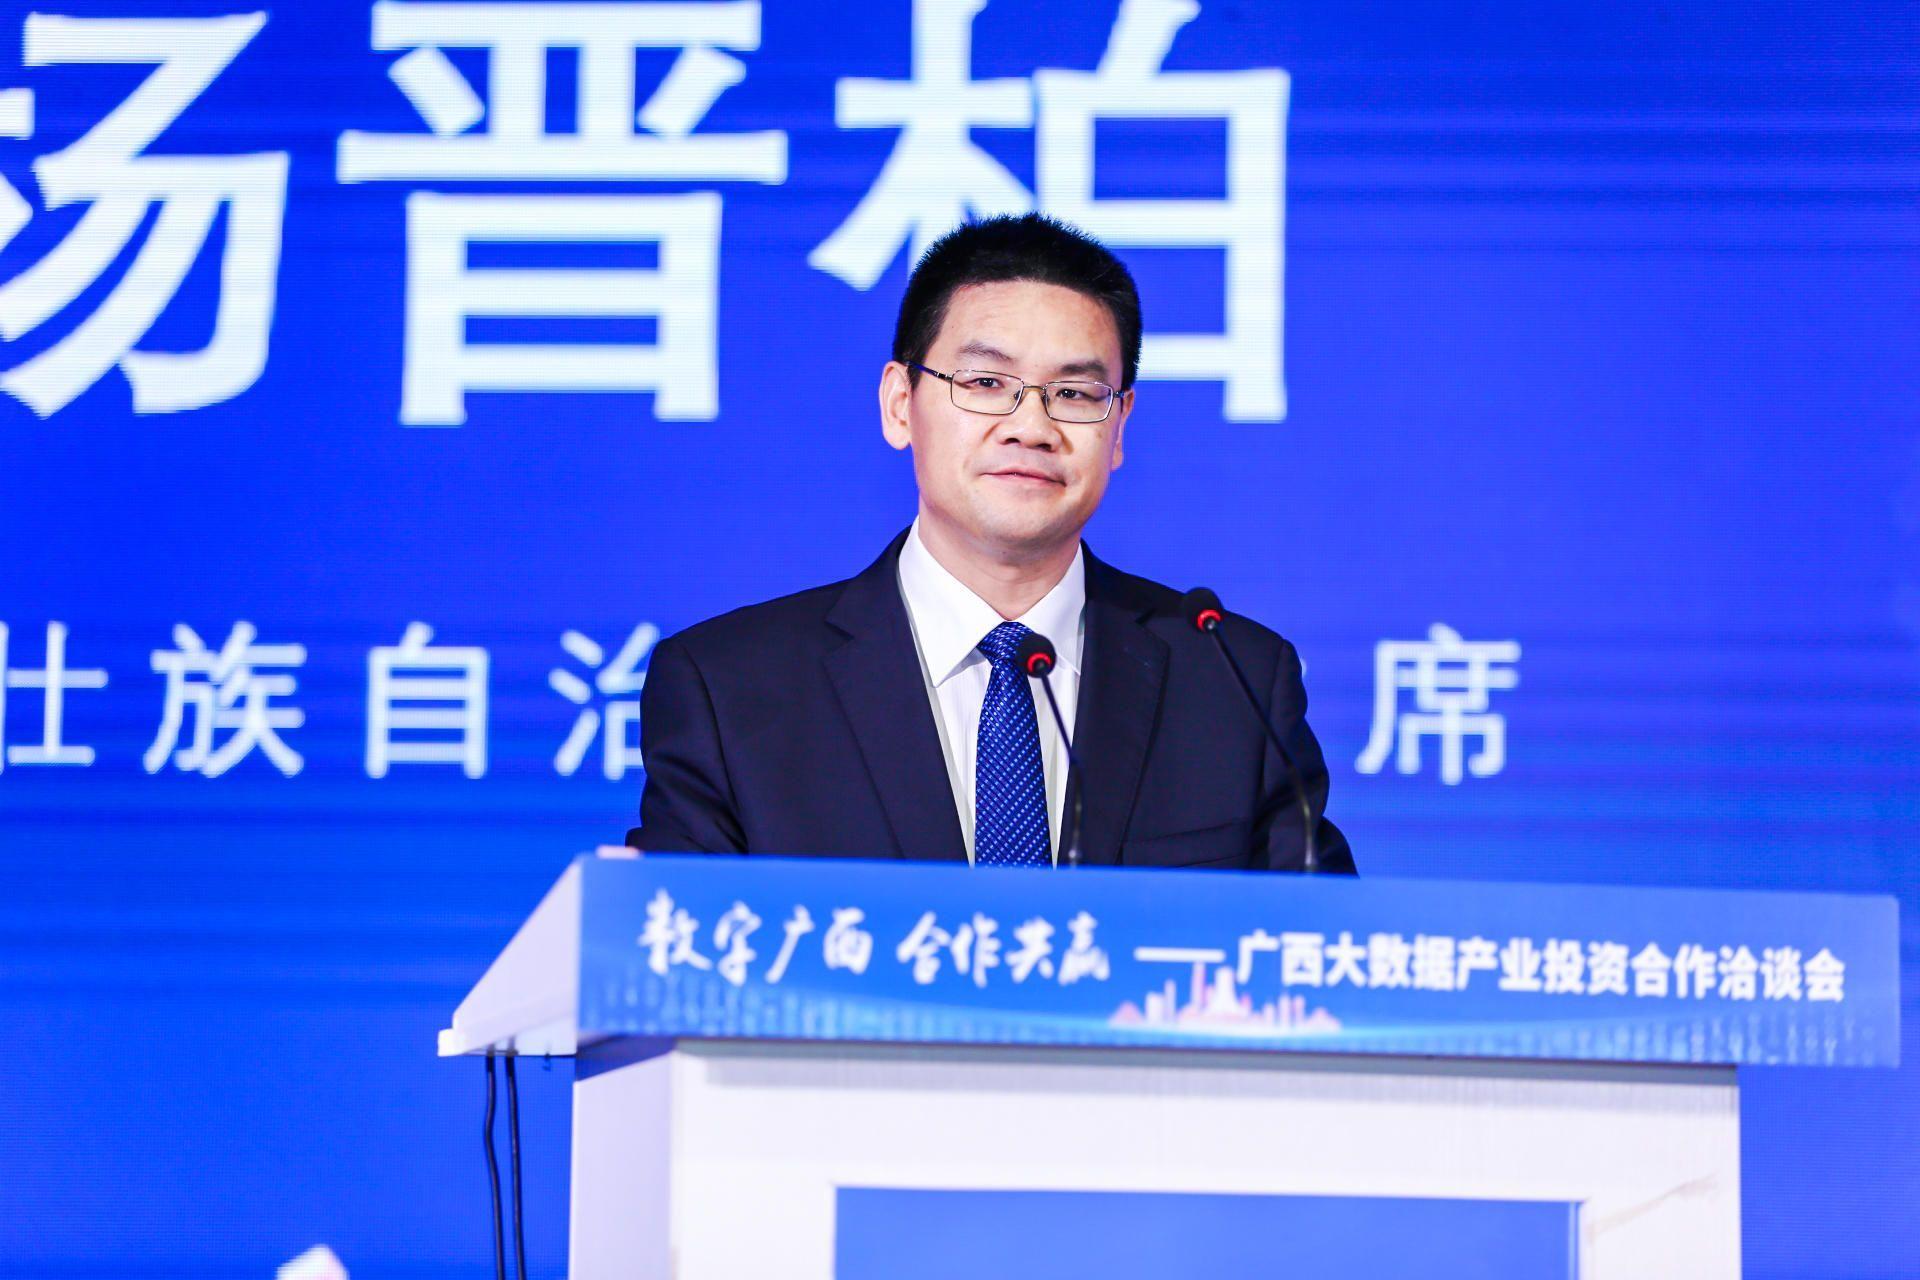 广西壮族自治区副主席杨晋柏致辞